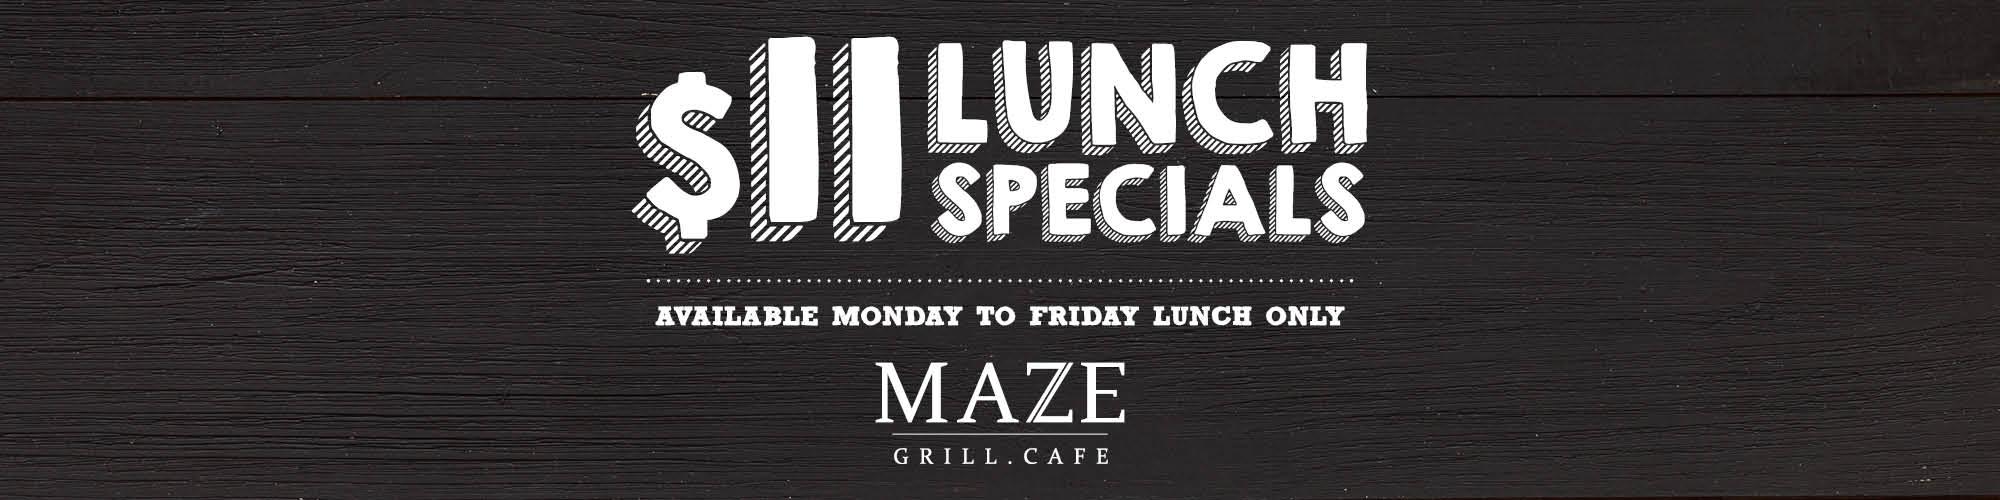 Maze-11-lunch-specials